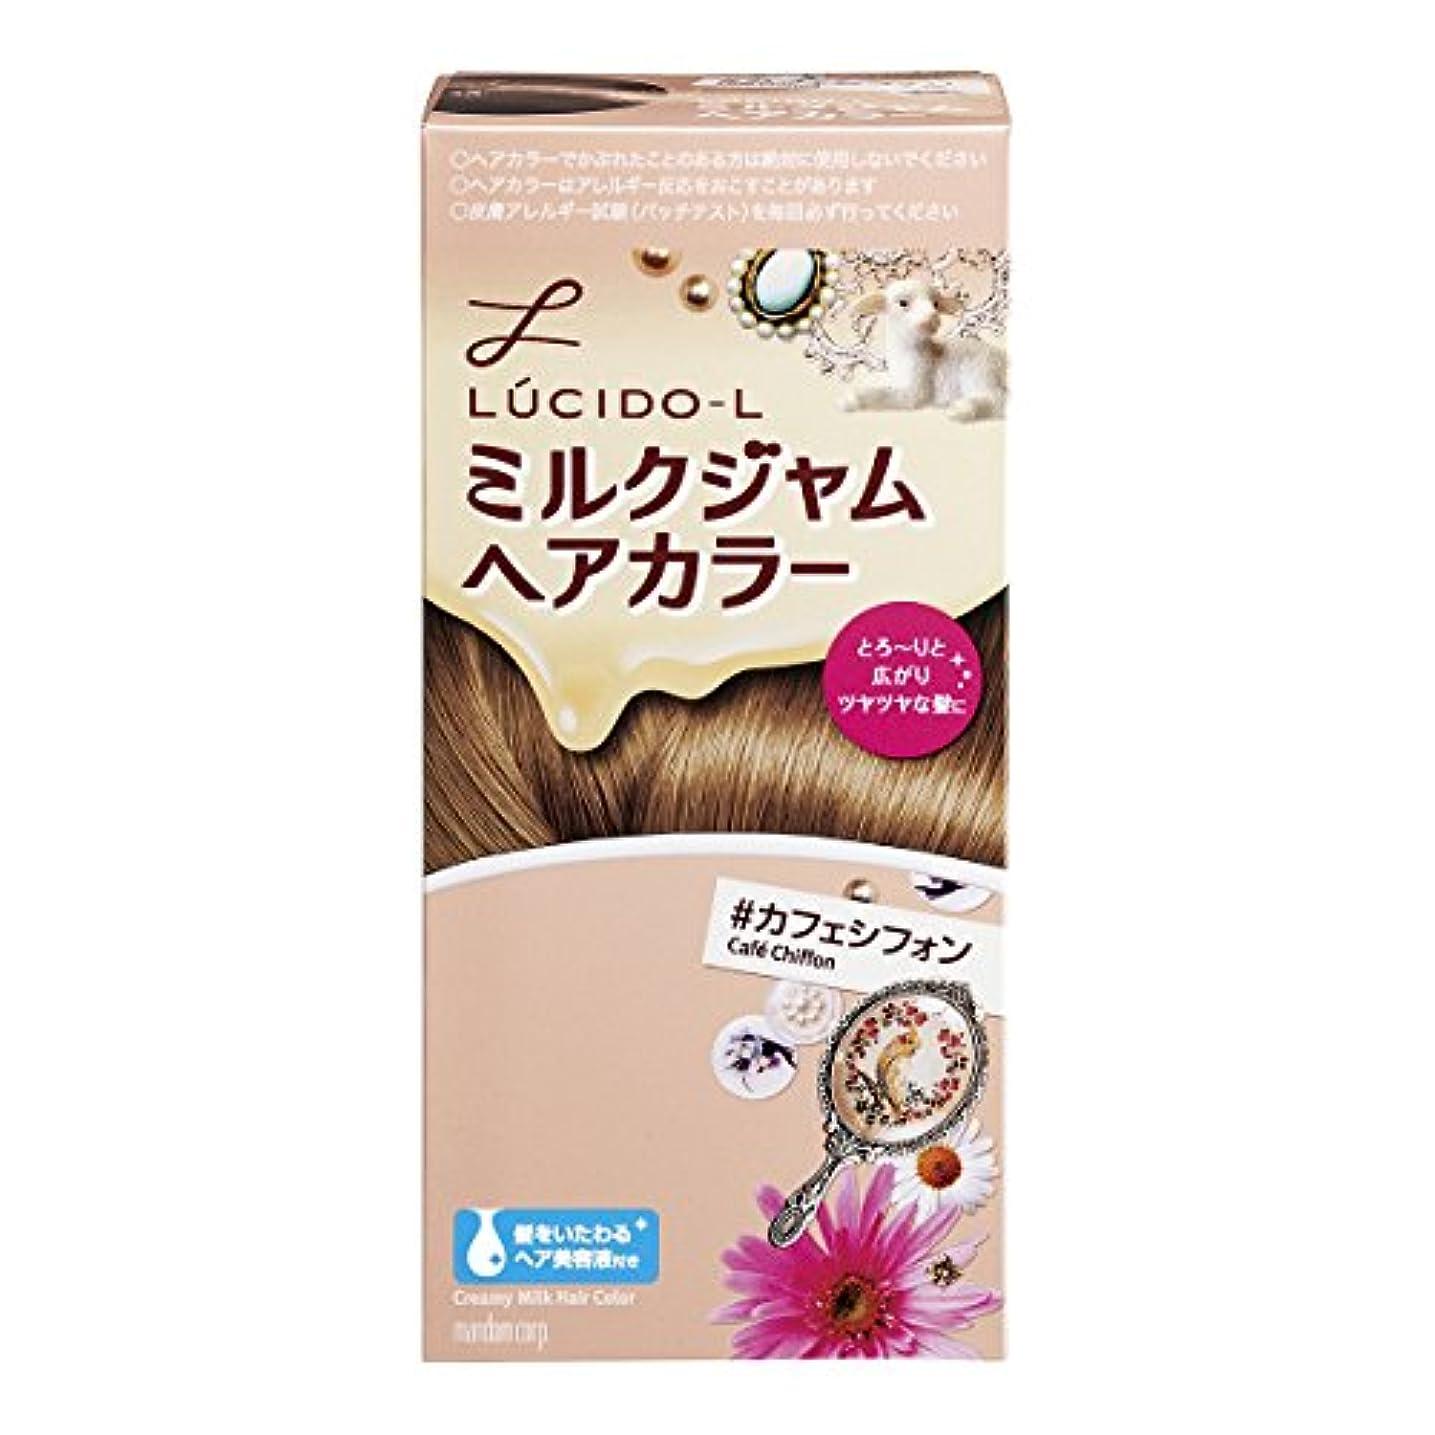 慣れる決定するしてはいけないLUCIDO-L (ルシードエル) ミルクジャムヘアカラー #カフェシフォン(医薬部外品) (1剤40g 2剤80mL TR5g)